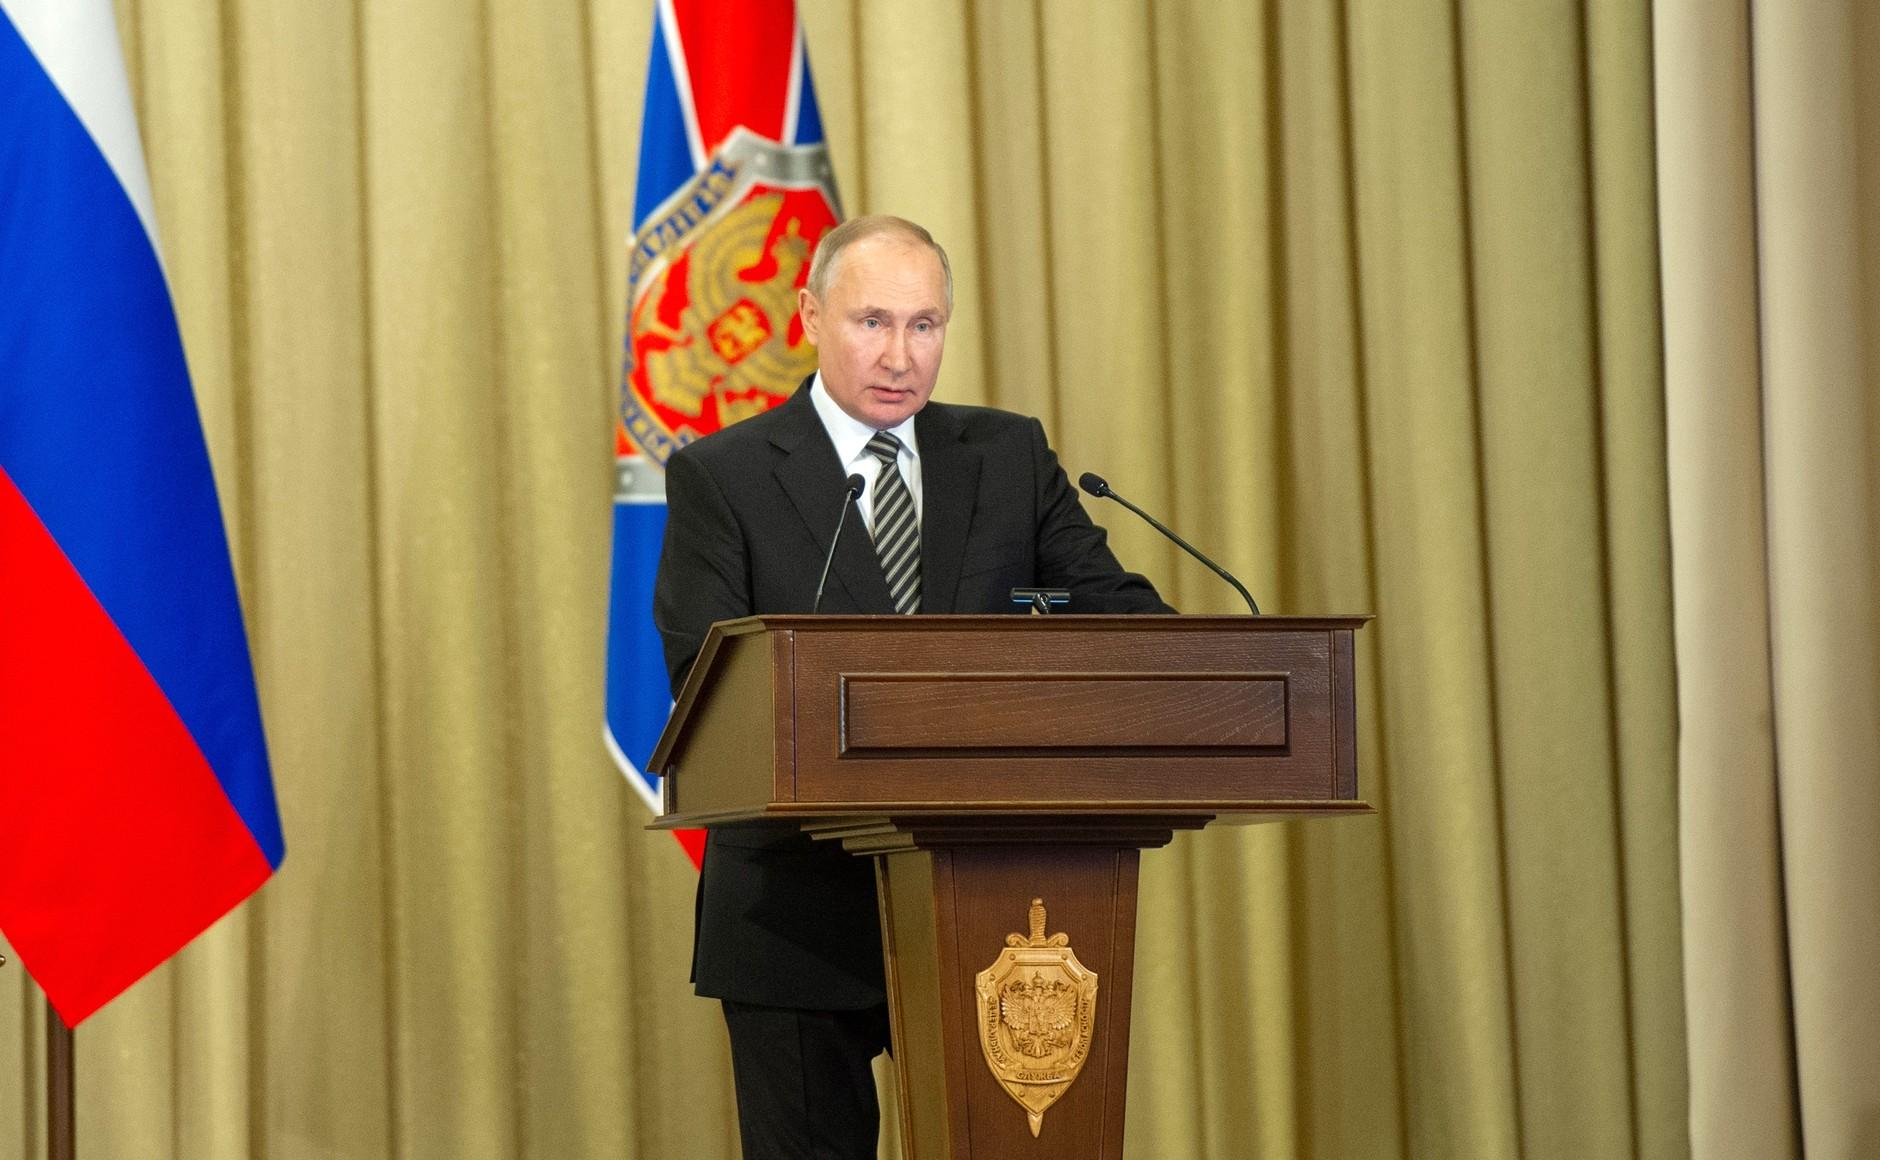 FSB PH 4 XX 5 Le président a tenu une réunion du conseil d'administration du FSB. Du 24 février 2021